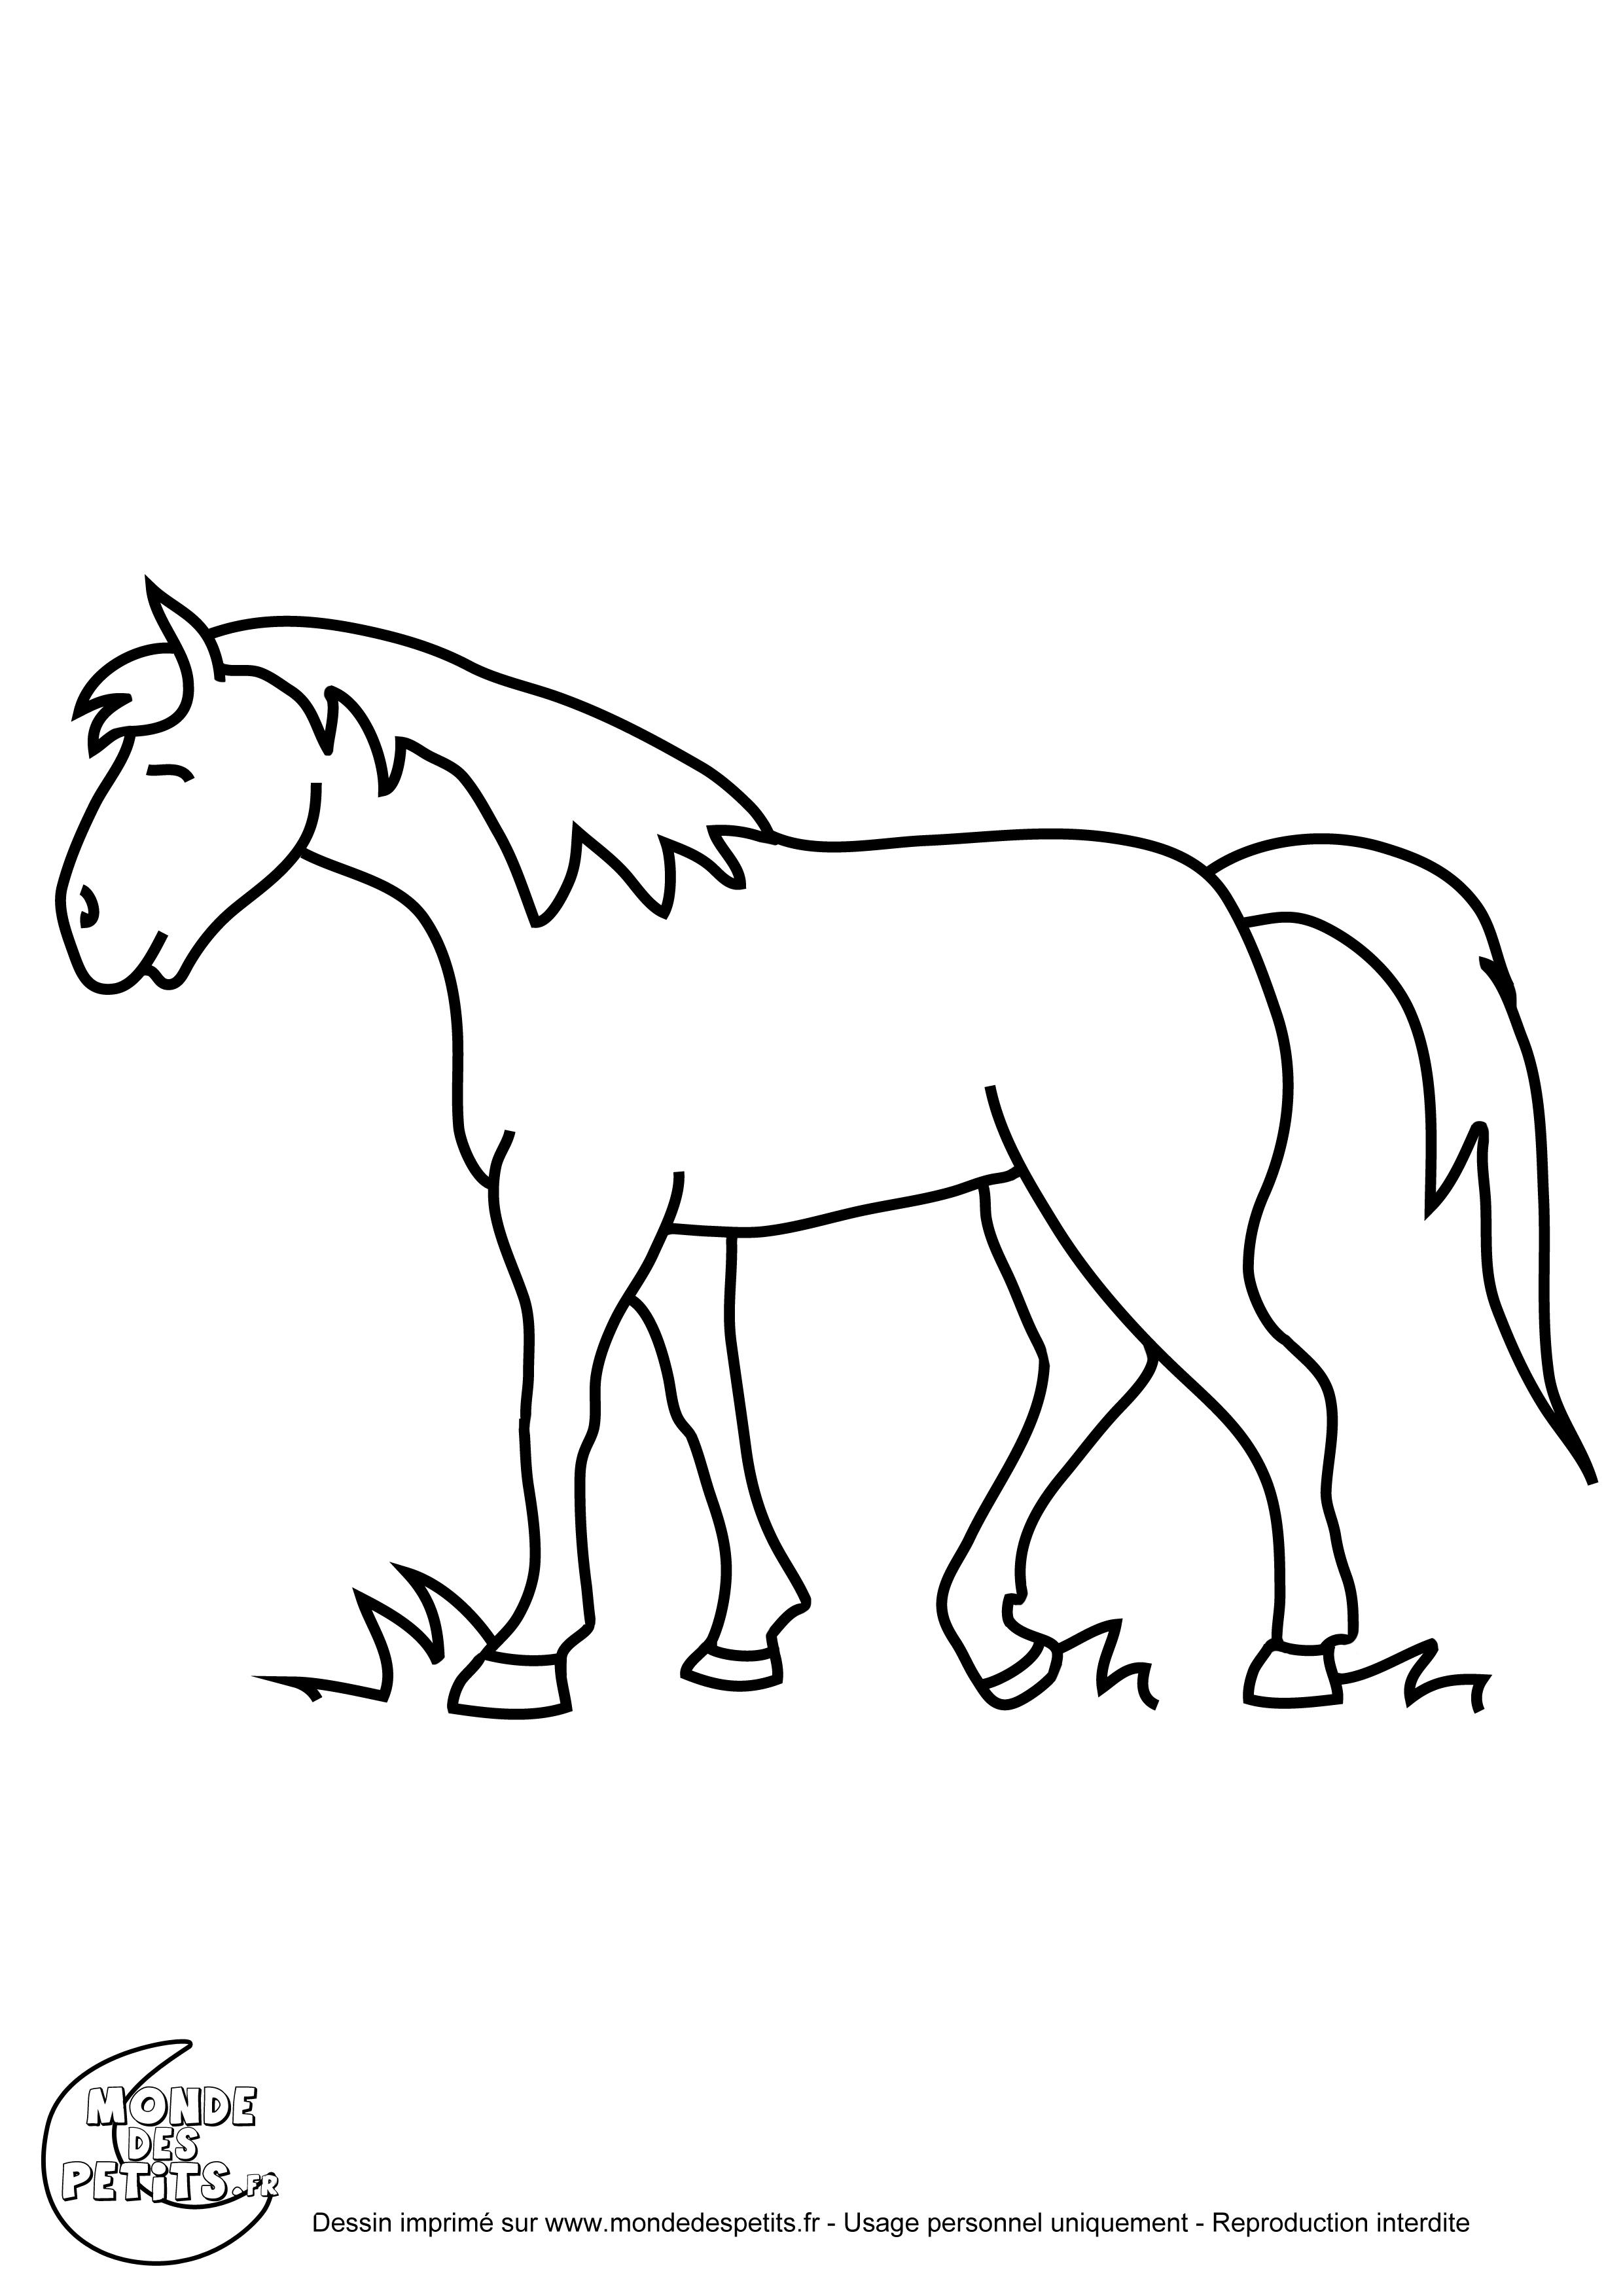 Monde des petits coloriages imprimer - Dessin facile de cheval ...